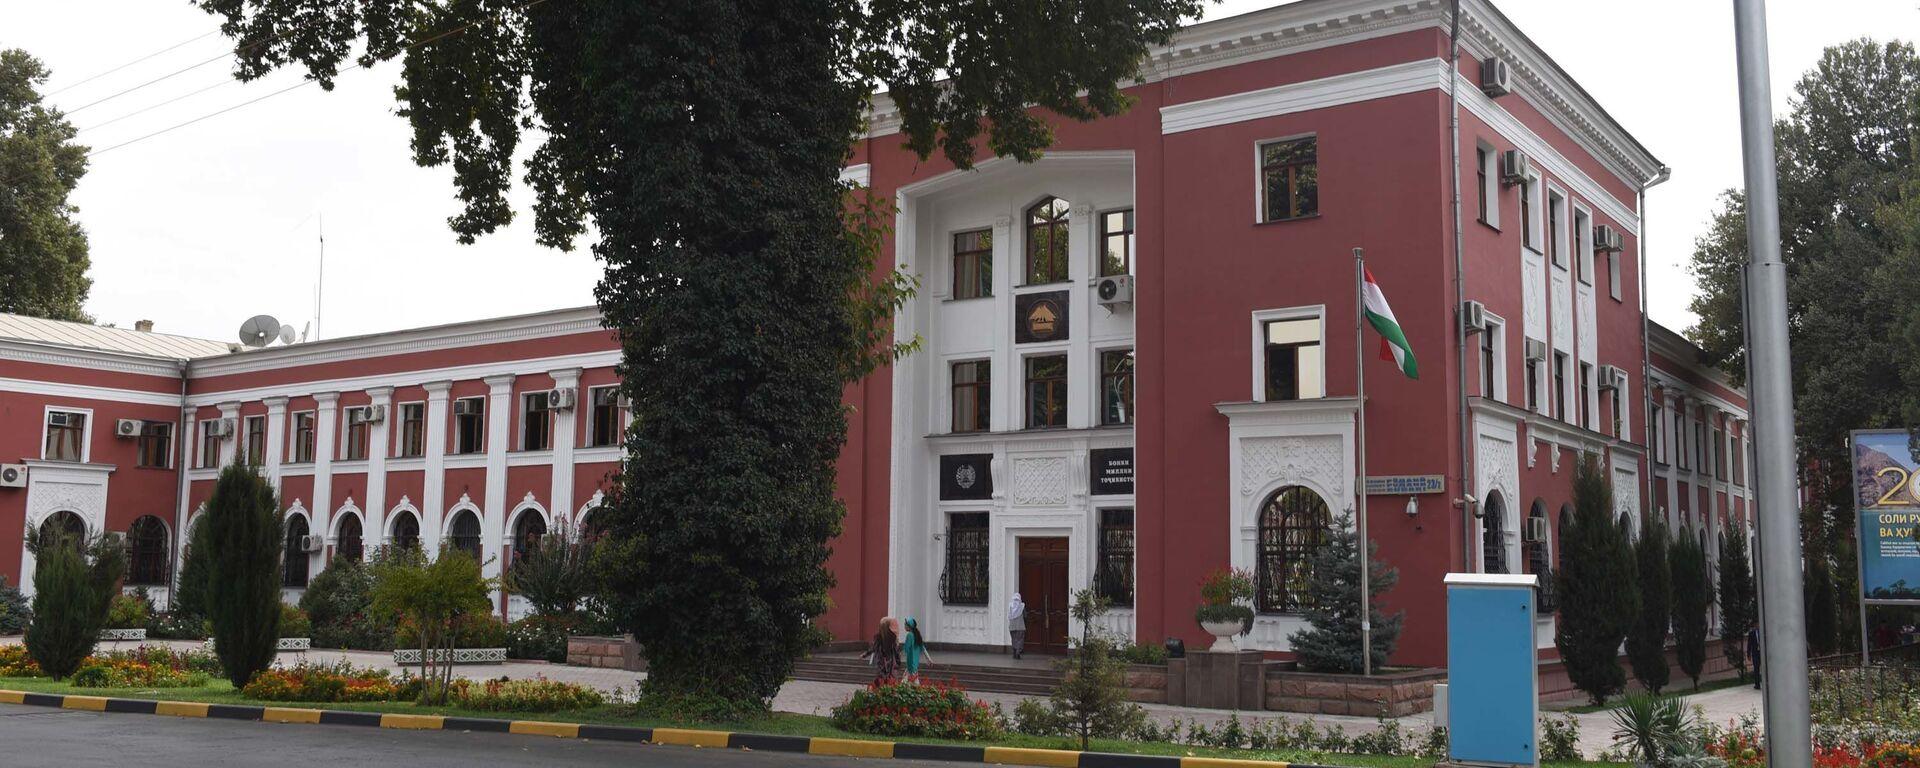 Национальный банк республики Таджикистан. Архивное фото - Sputnik Тоҷикистон, 1920, 27.08.2021